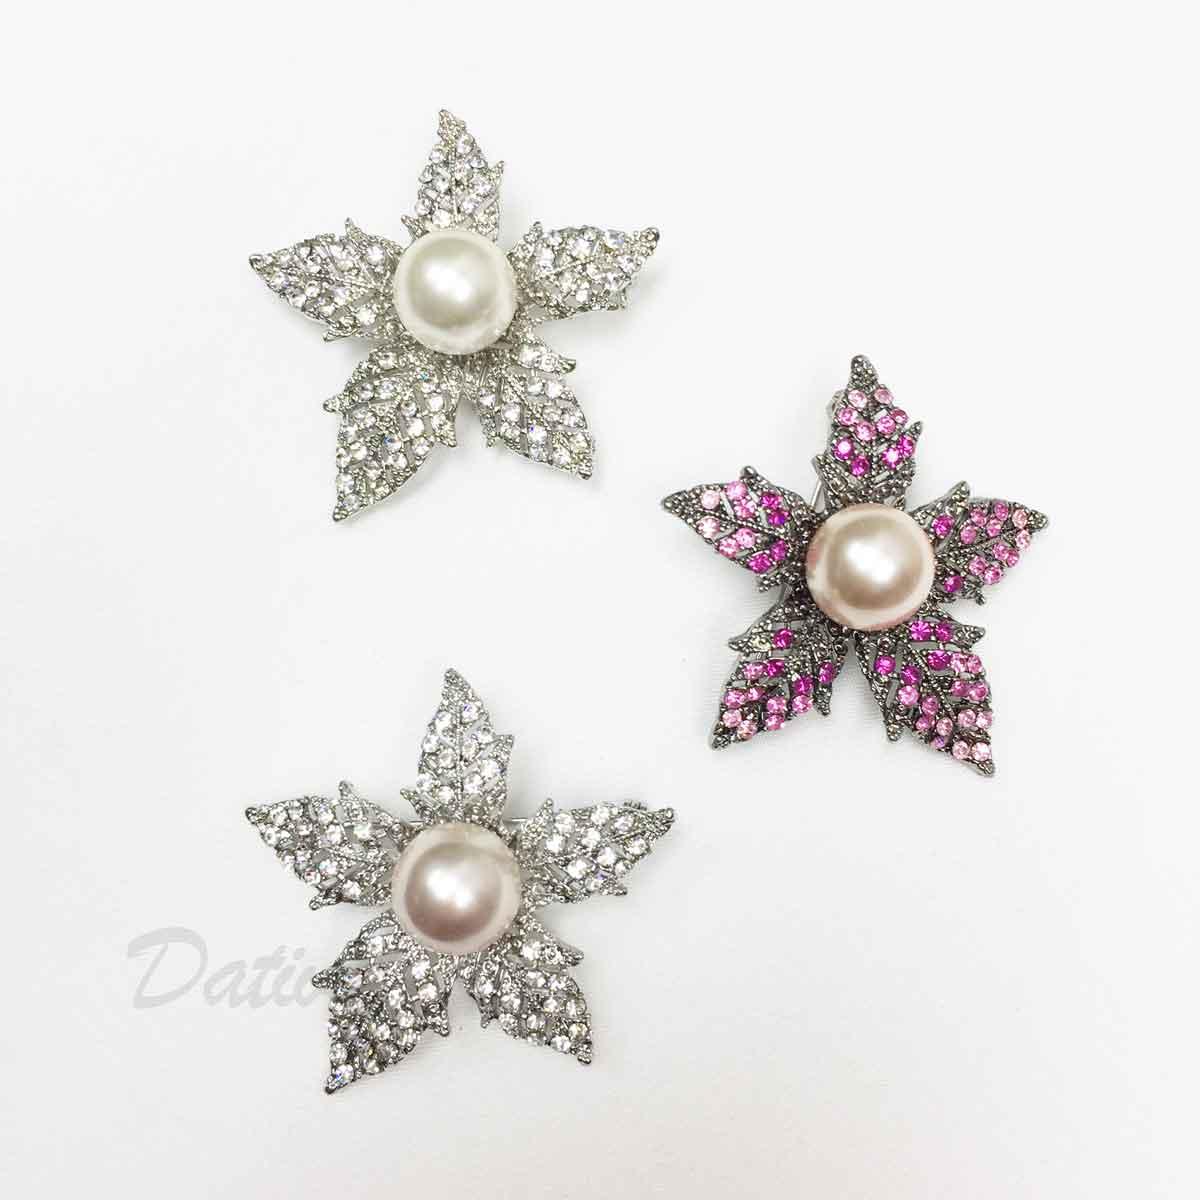 花朵 水鑽 珍珠 鐵灰 單個 三色 胸針